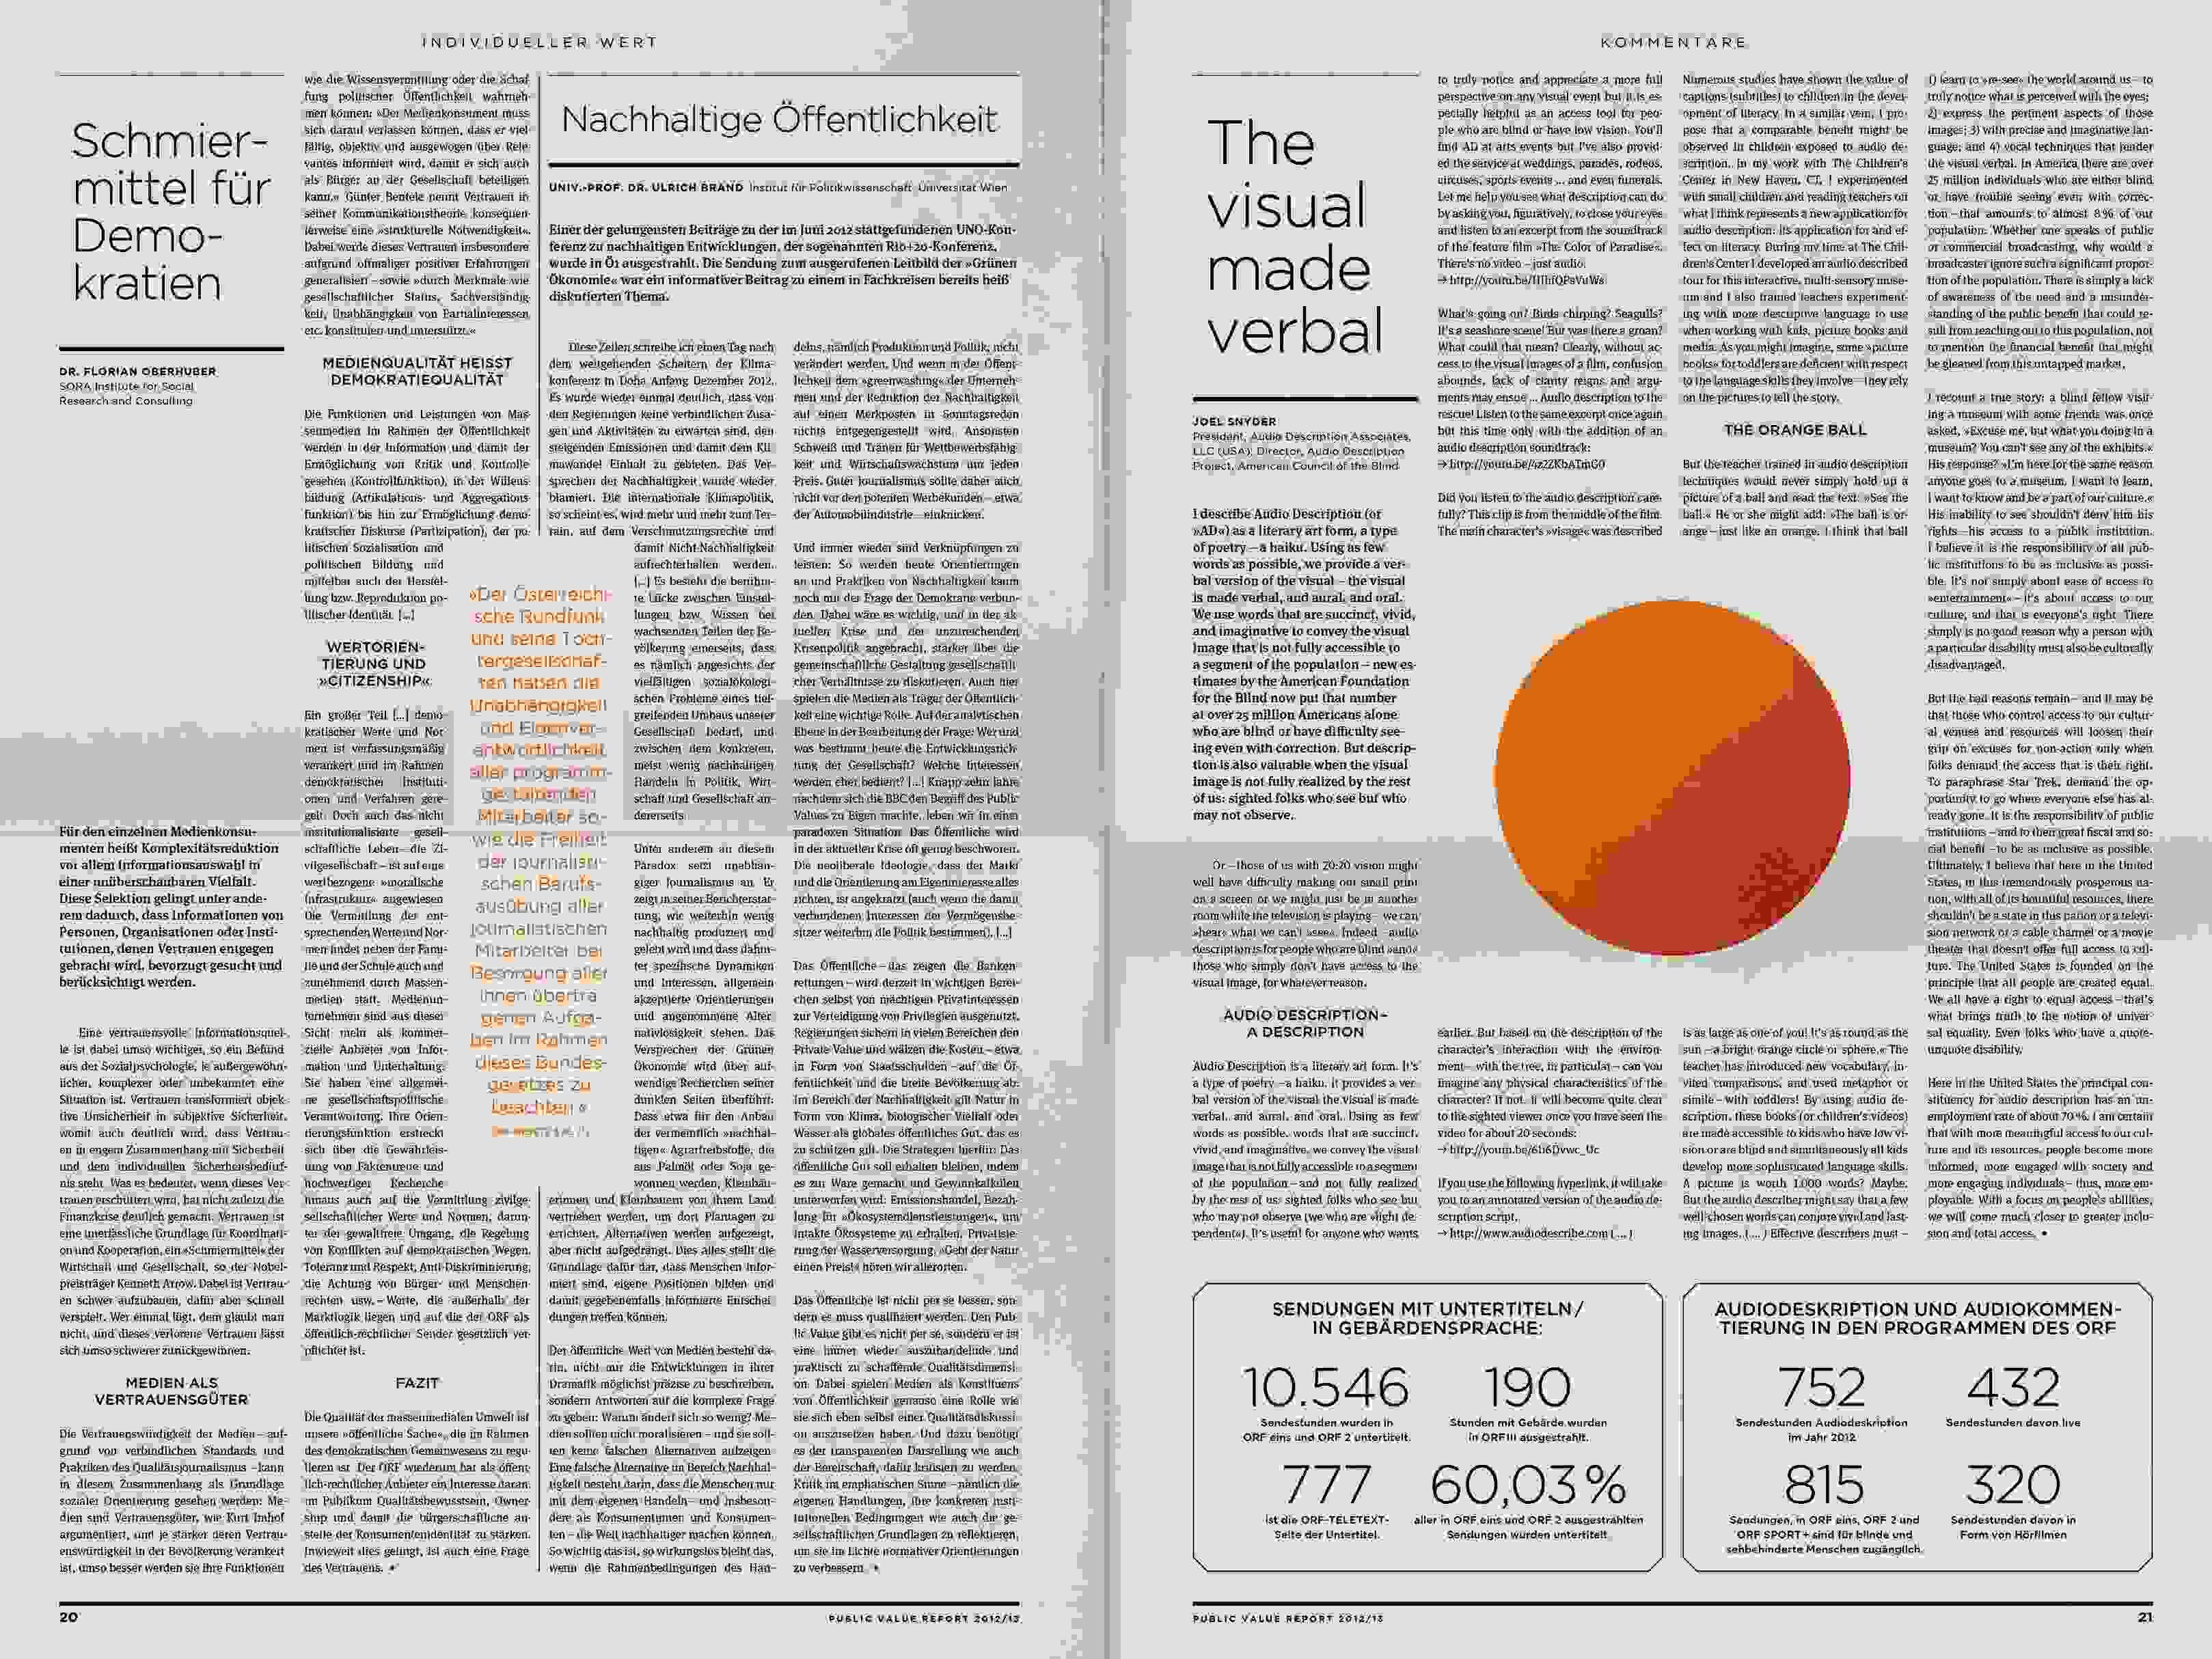 ORF PV 13 flat Dummy Zeitung Doppelseite 6